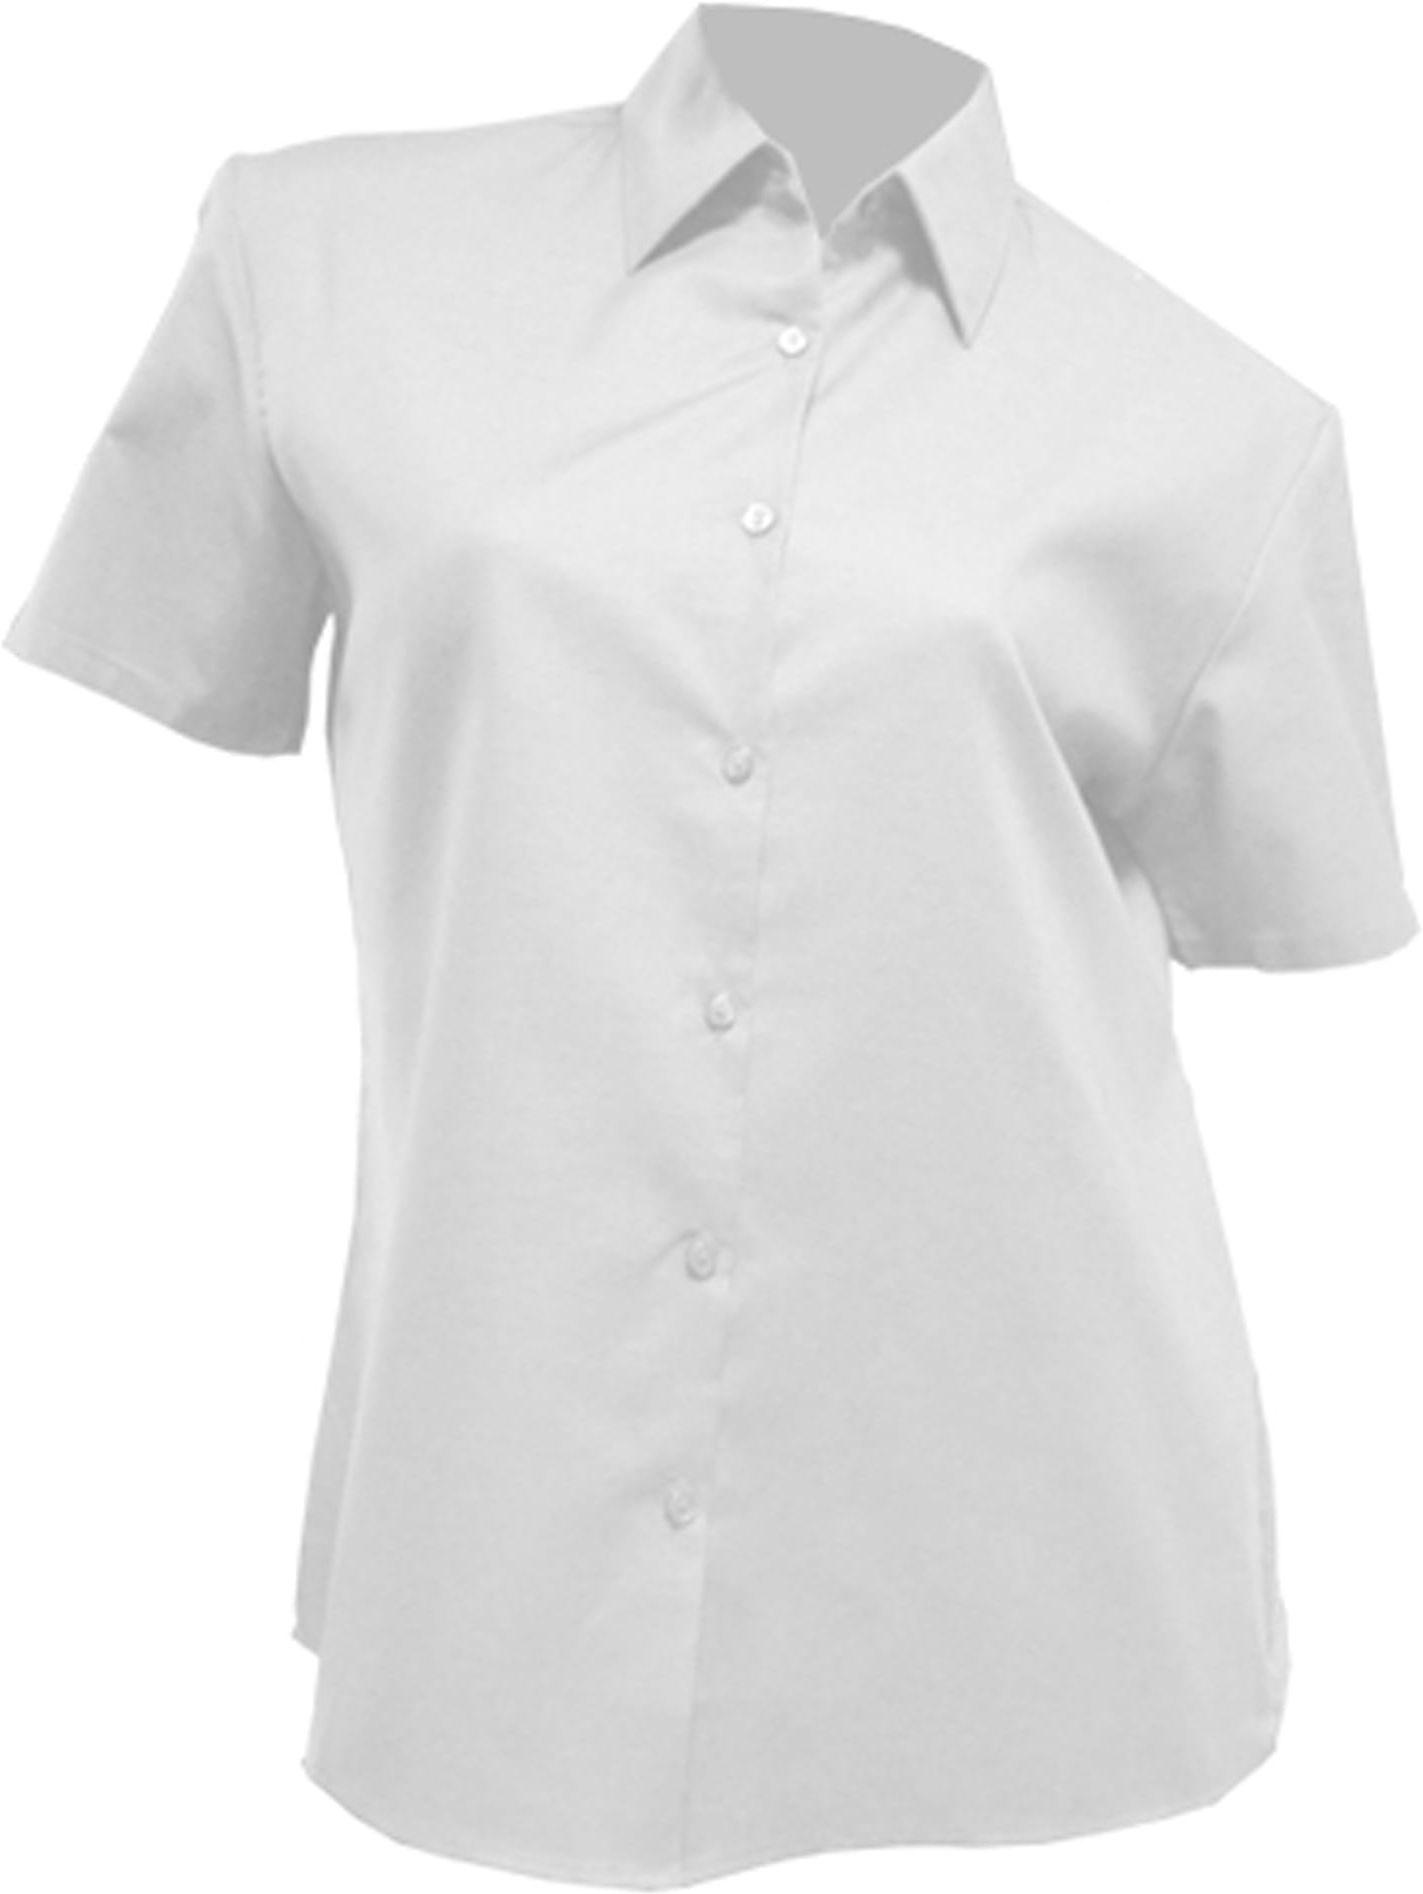 Bluzka damska OXFORD z krótkim rękawem